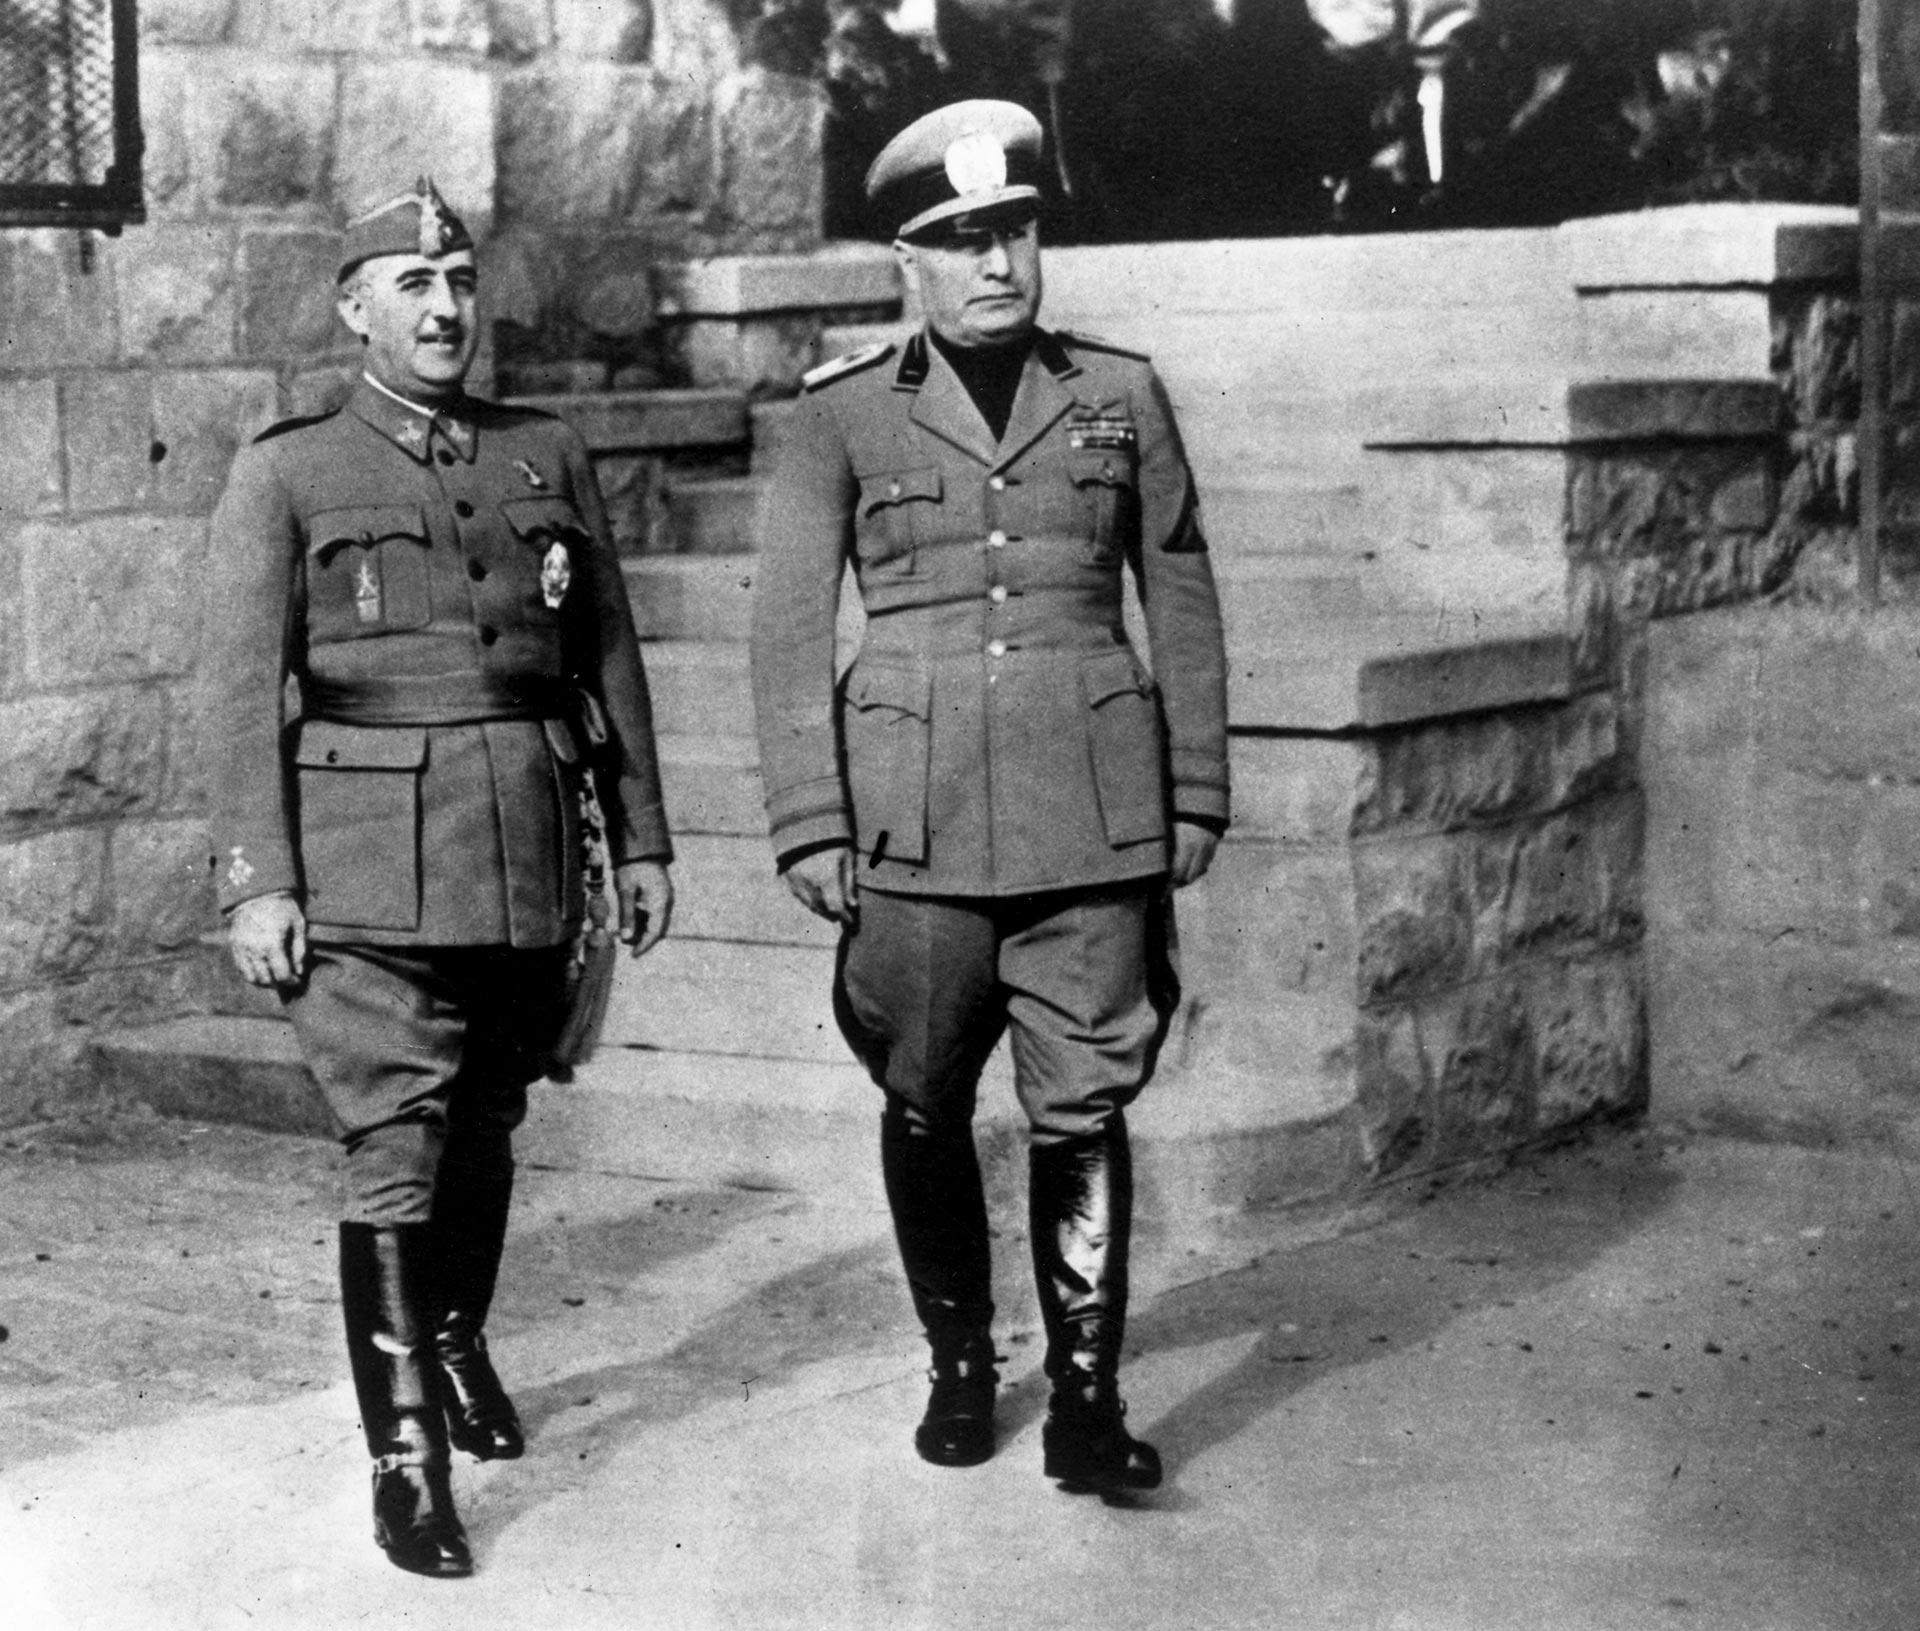 Por indicación de Adolf Hitler, Francisco Franco se entrevistó con Benito Mussolini en la localidad transalpina italiana de Bordighera el 12 de febrero de 1941 (Getty Images)